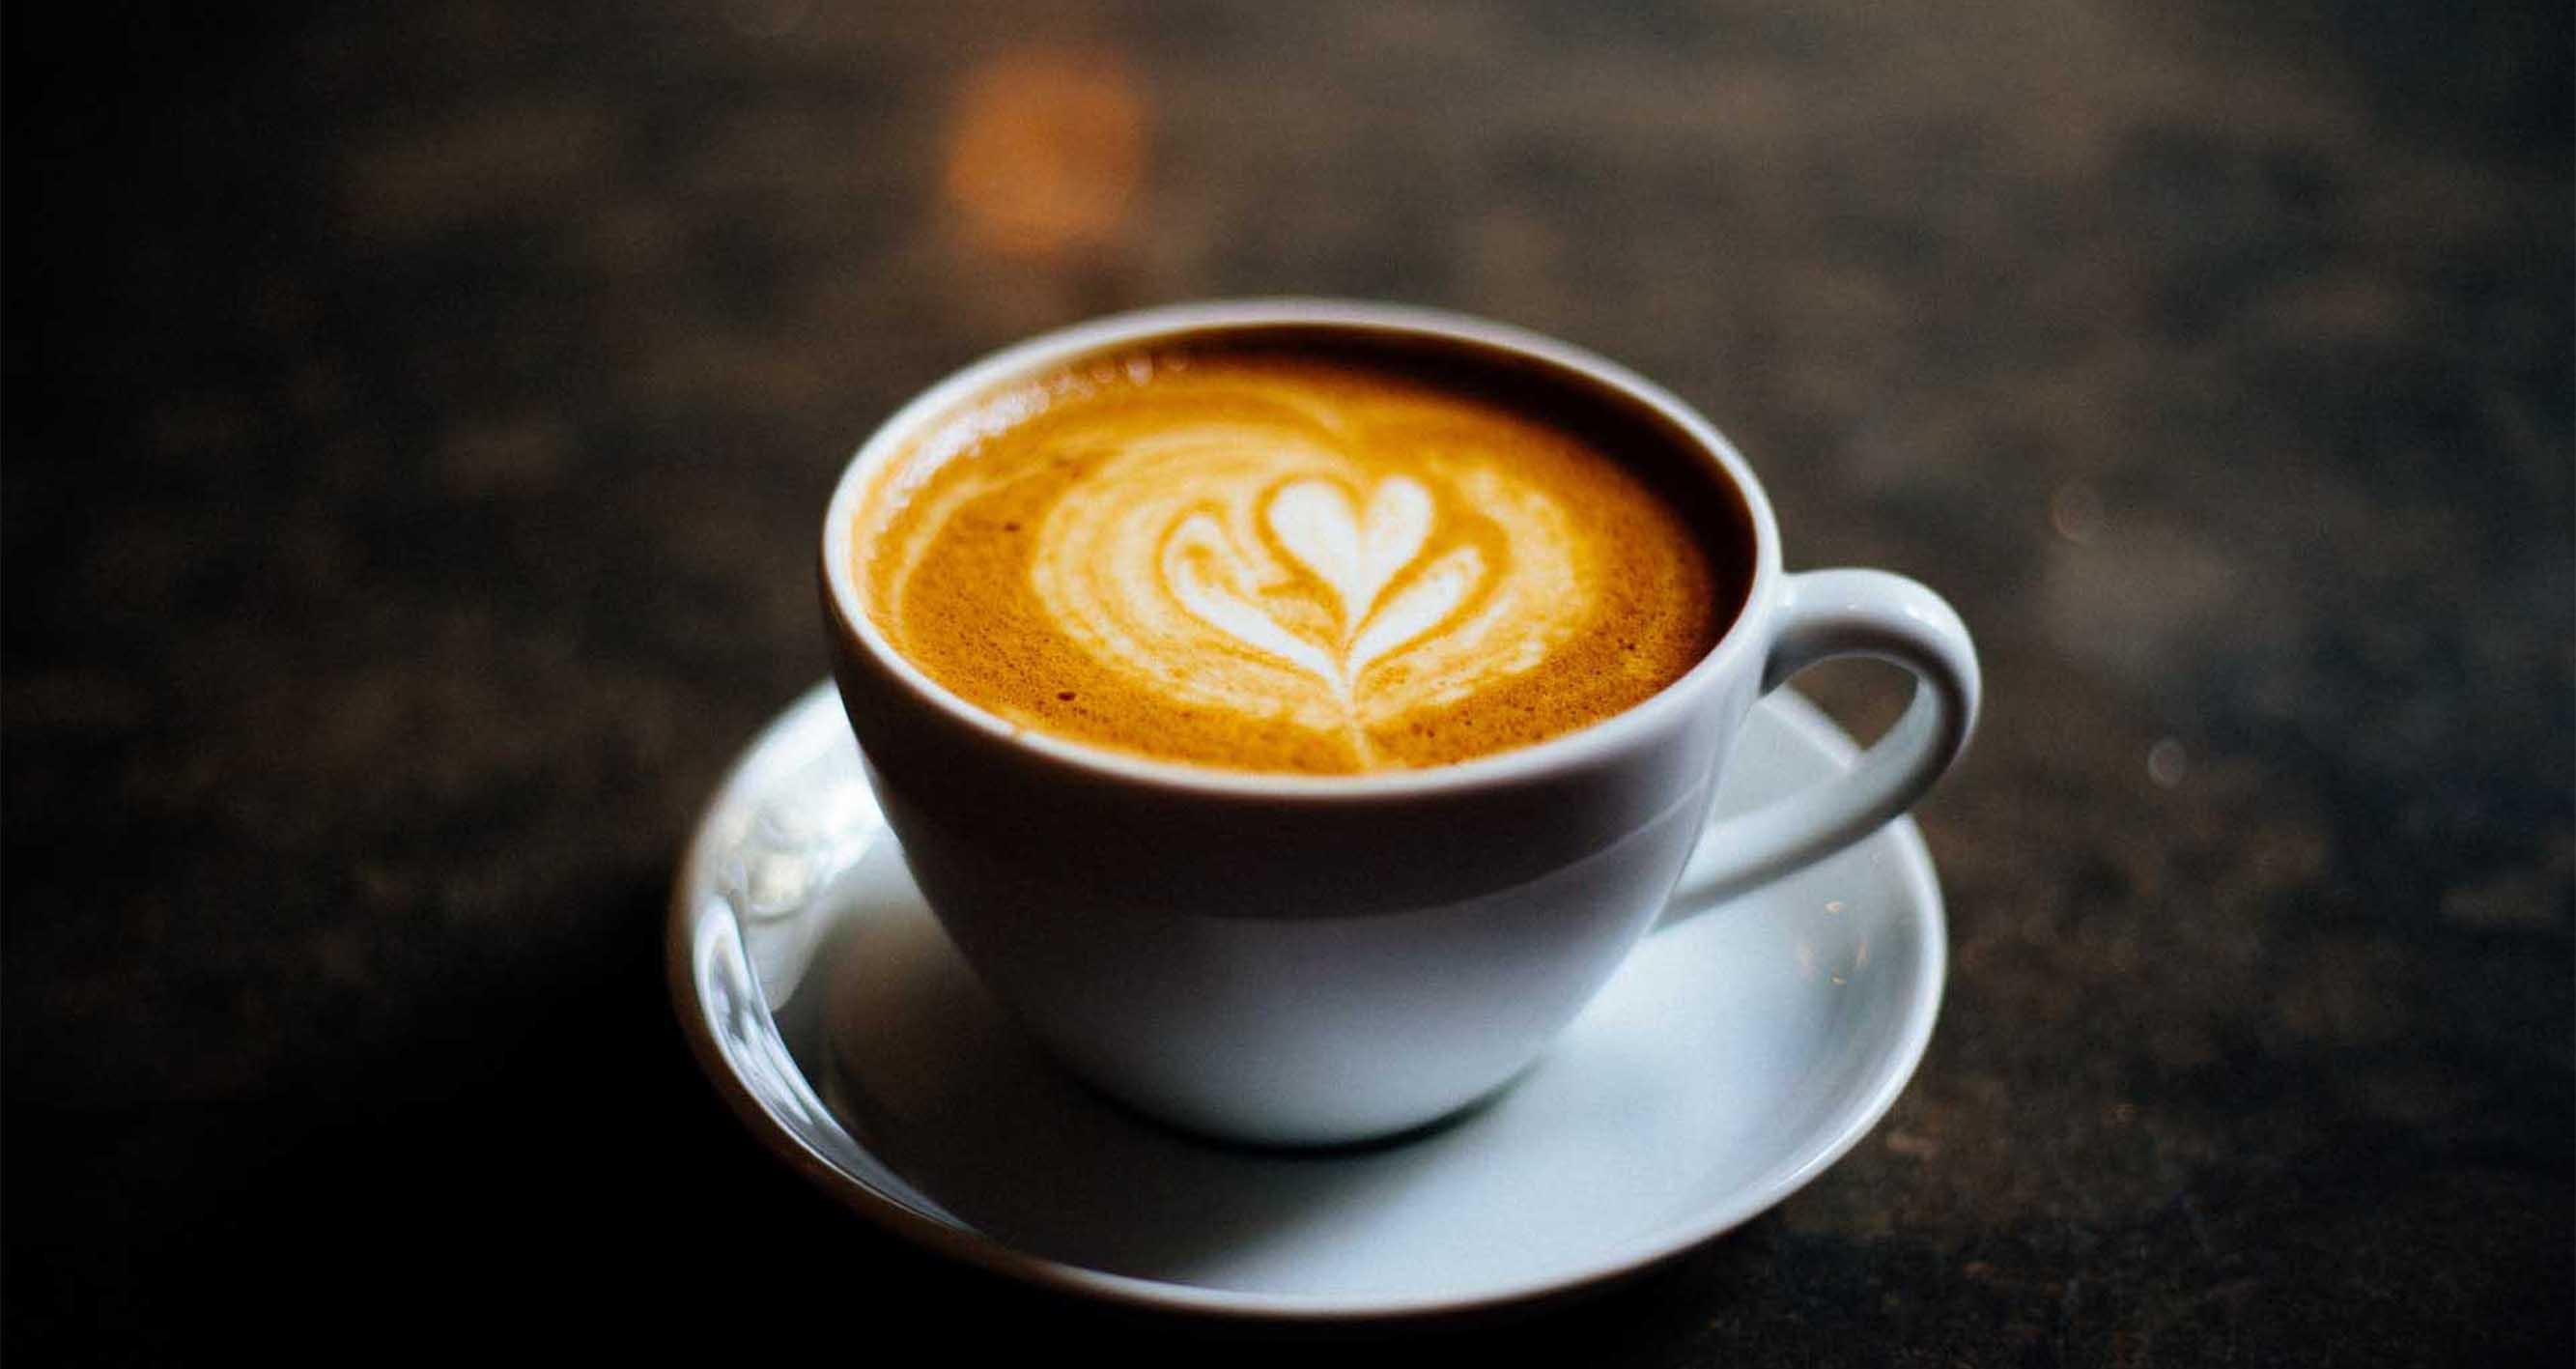 Jak se vyrábí bezkofeinová káva? Je zdravá?